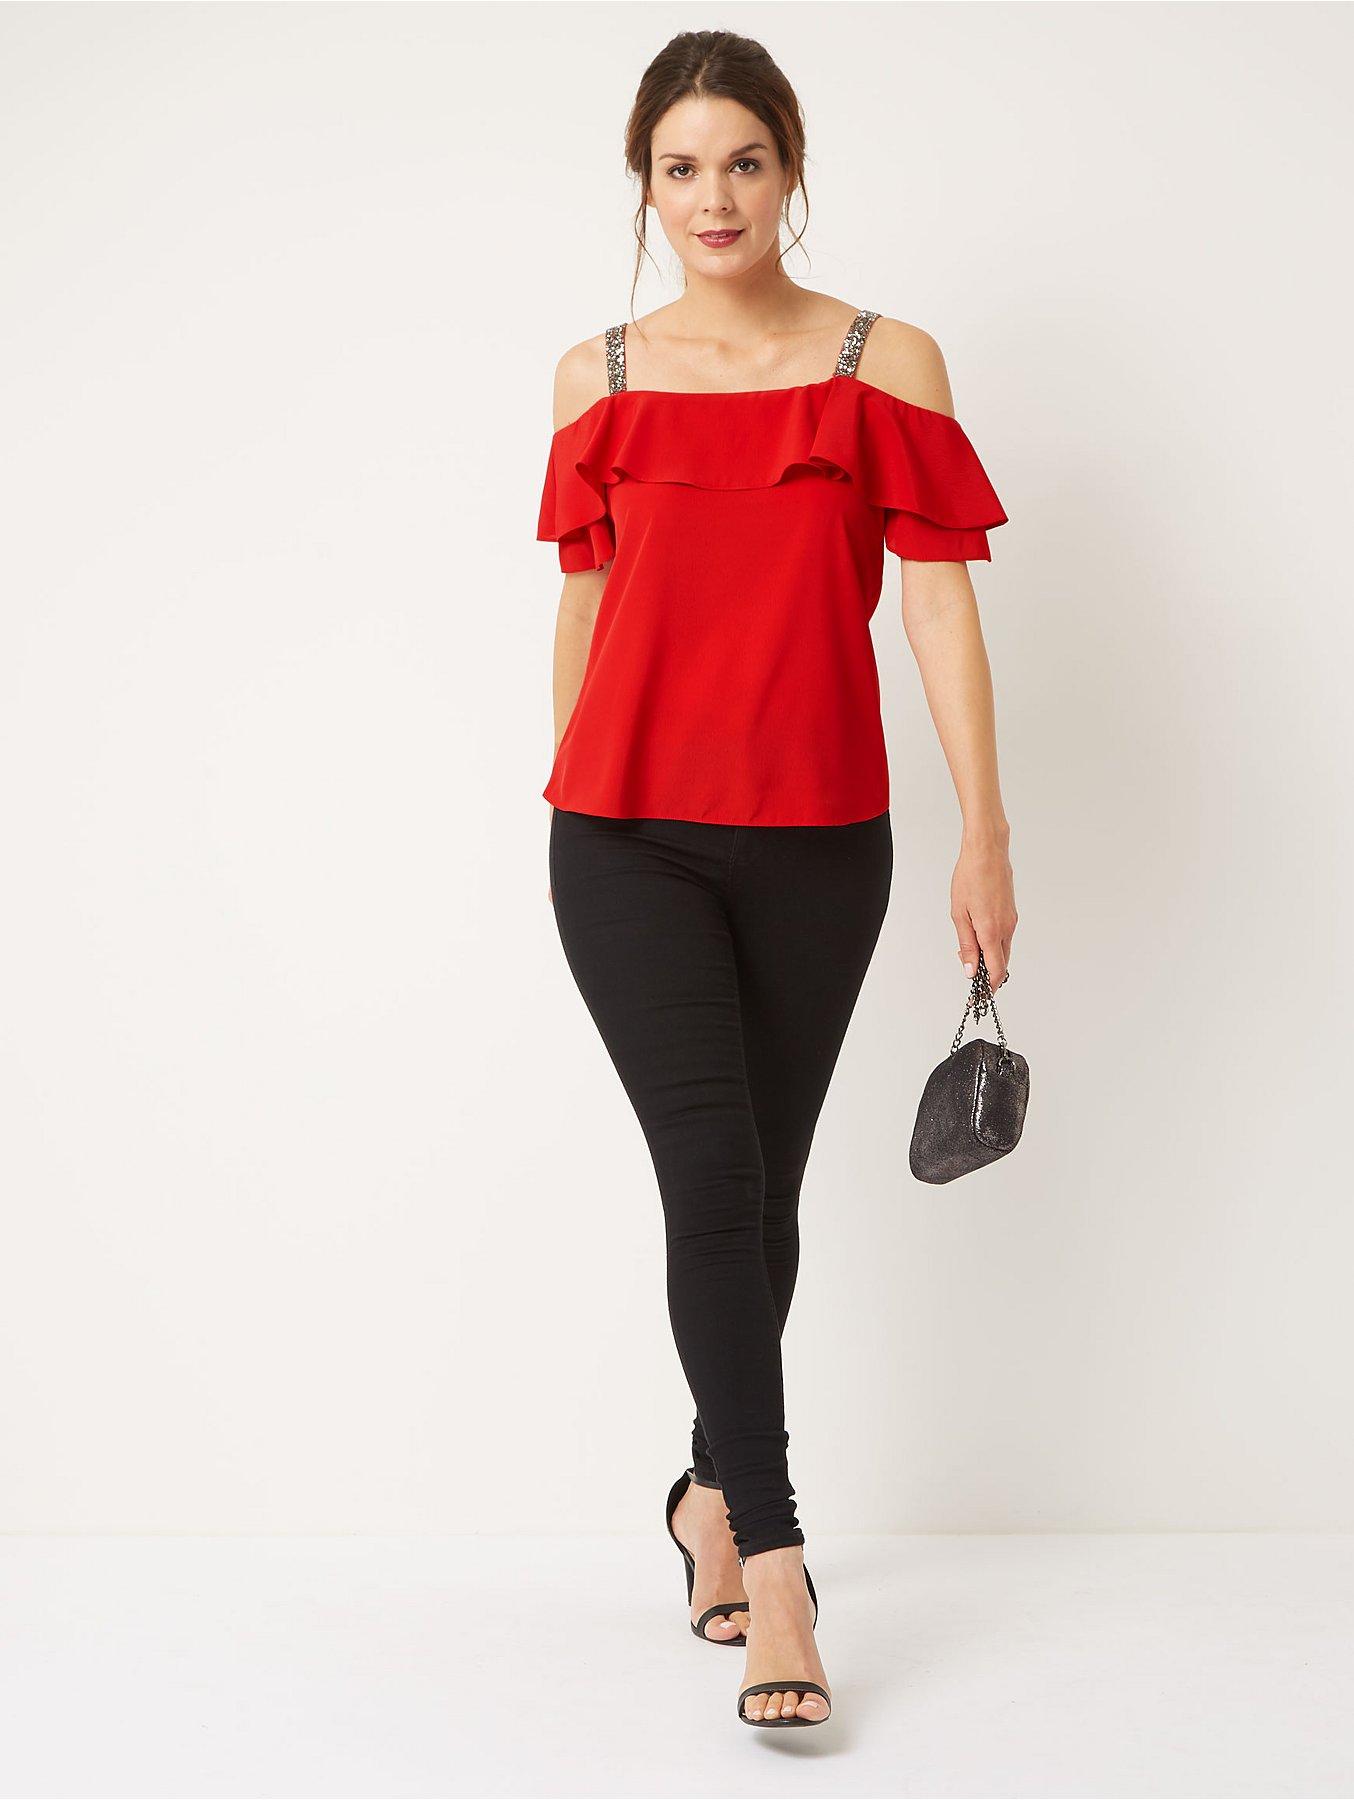 92fc554151001 Red Embellished Strap Cold Shoulder Blouse. Reset